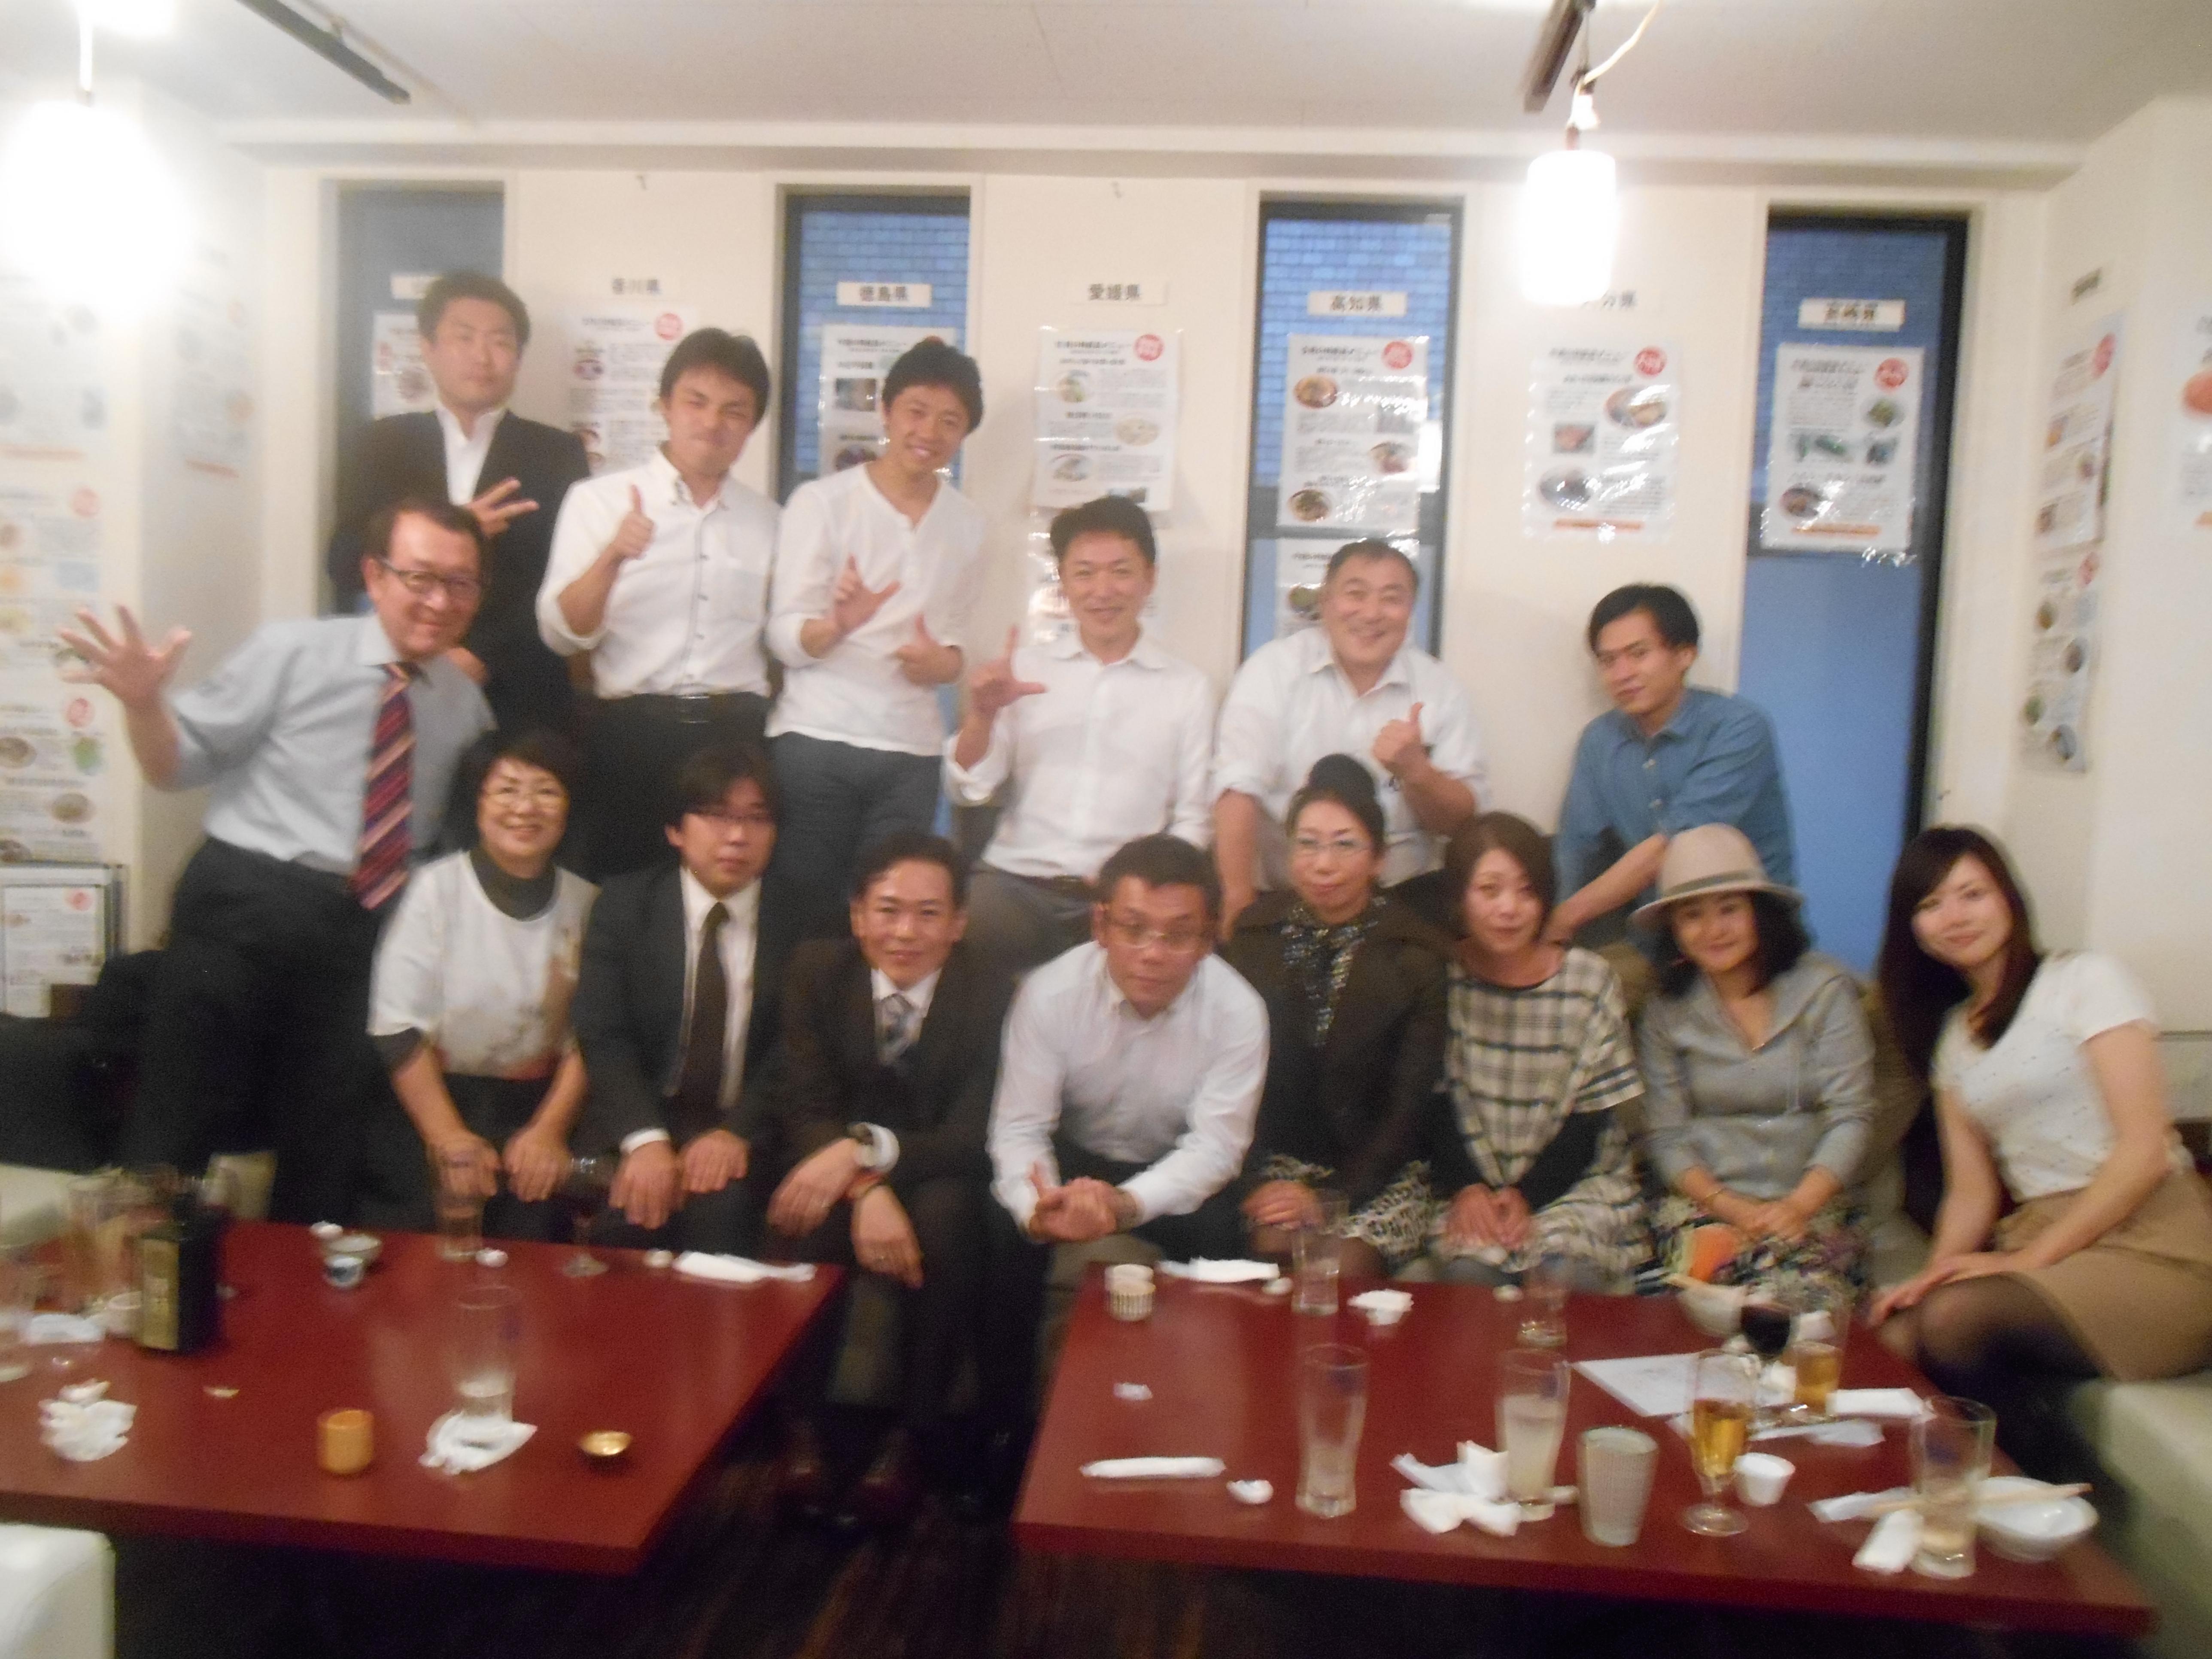 2015年10月19日 AOsuki定例飲み会開催しました。